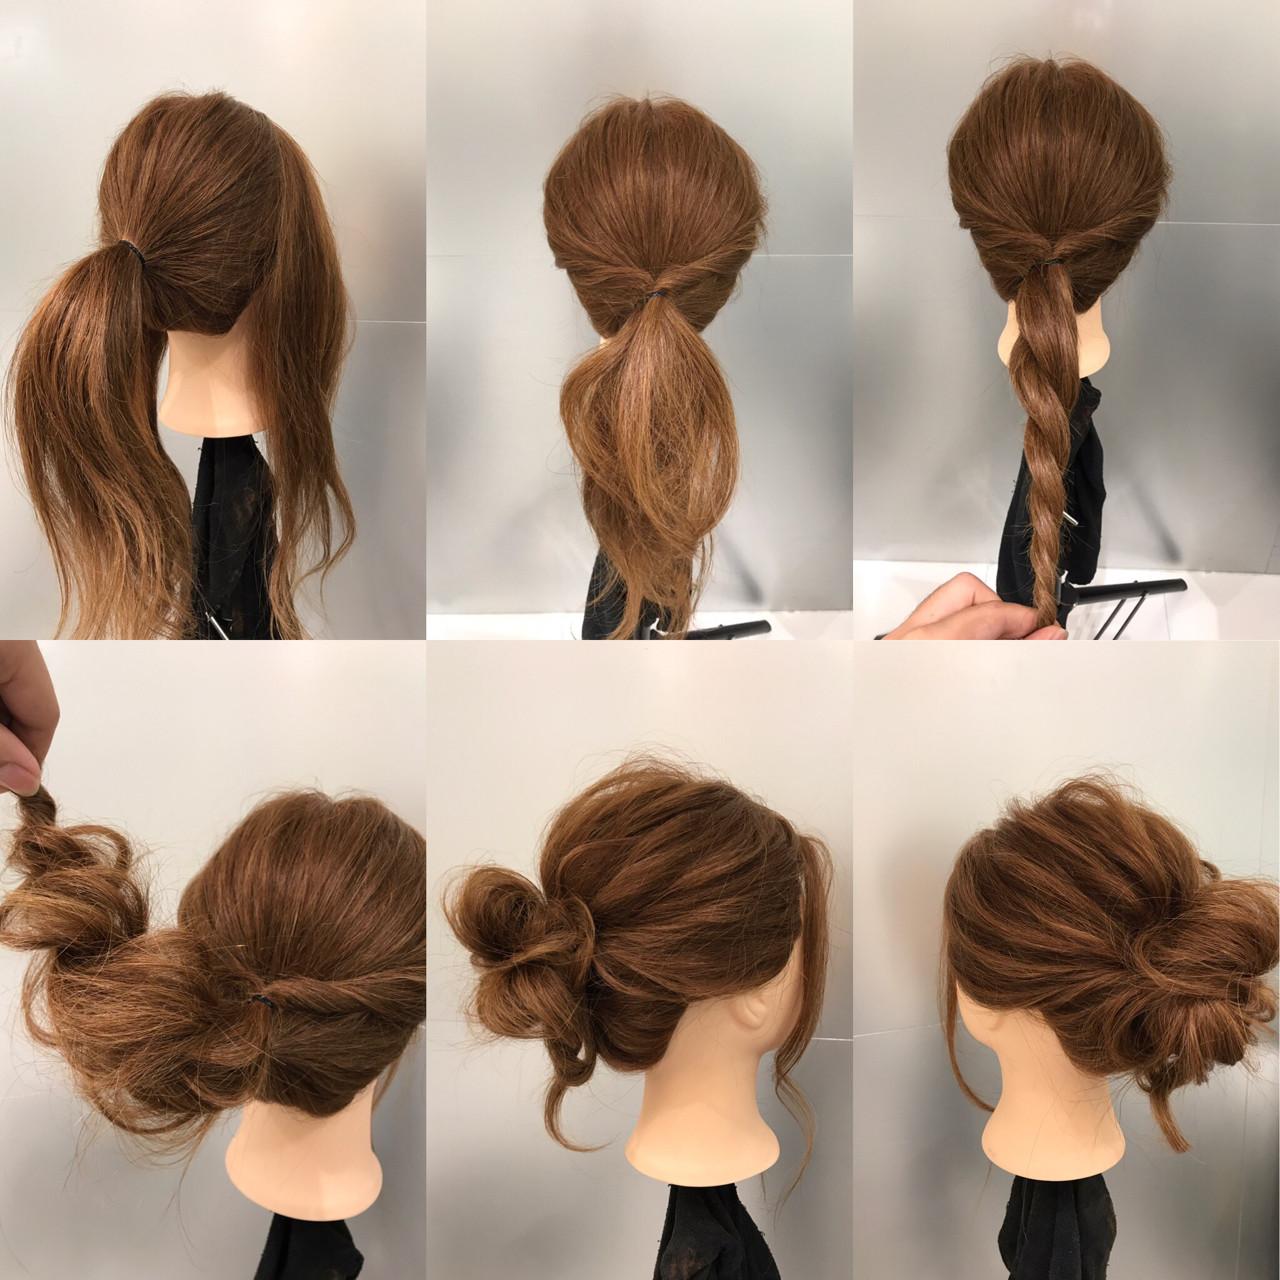 ナチュラル ヘアアレンジ ショート ロング ヘアスタイルや髪型の写真・画像